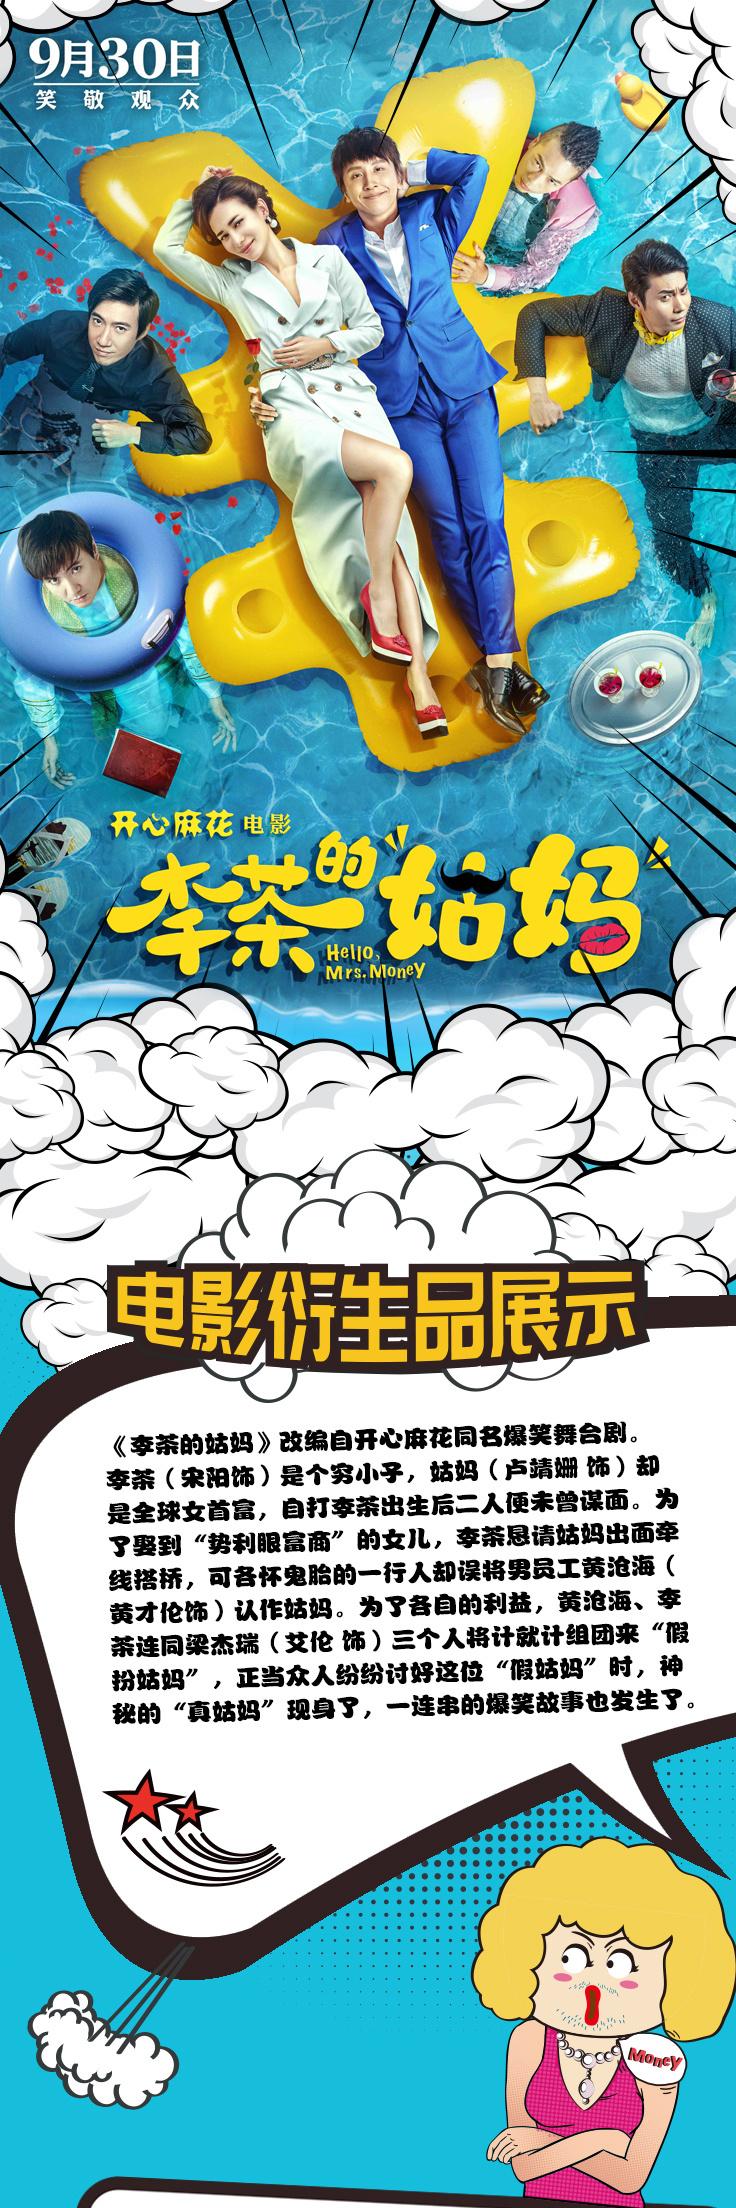 李茶的姑妈 电影衍生品设计图片